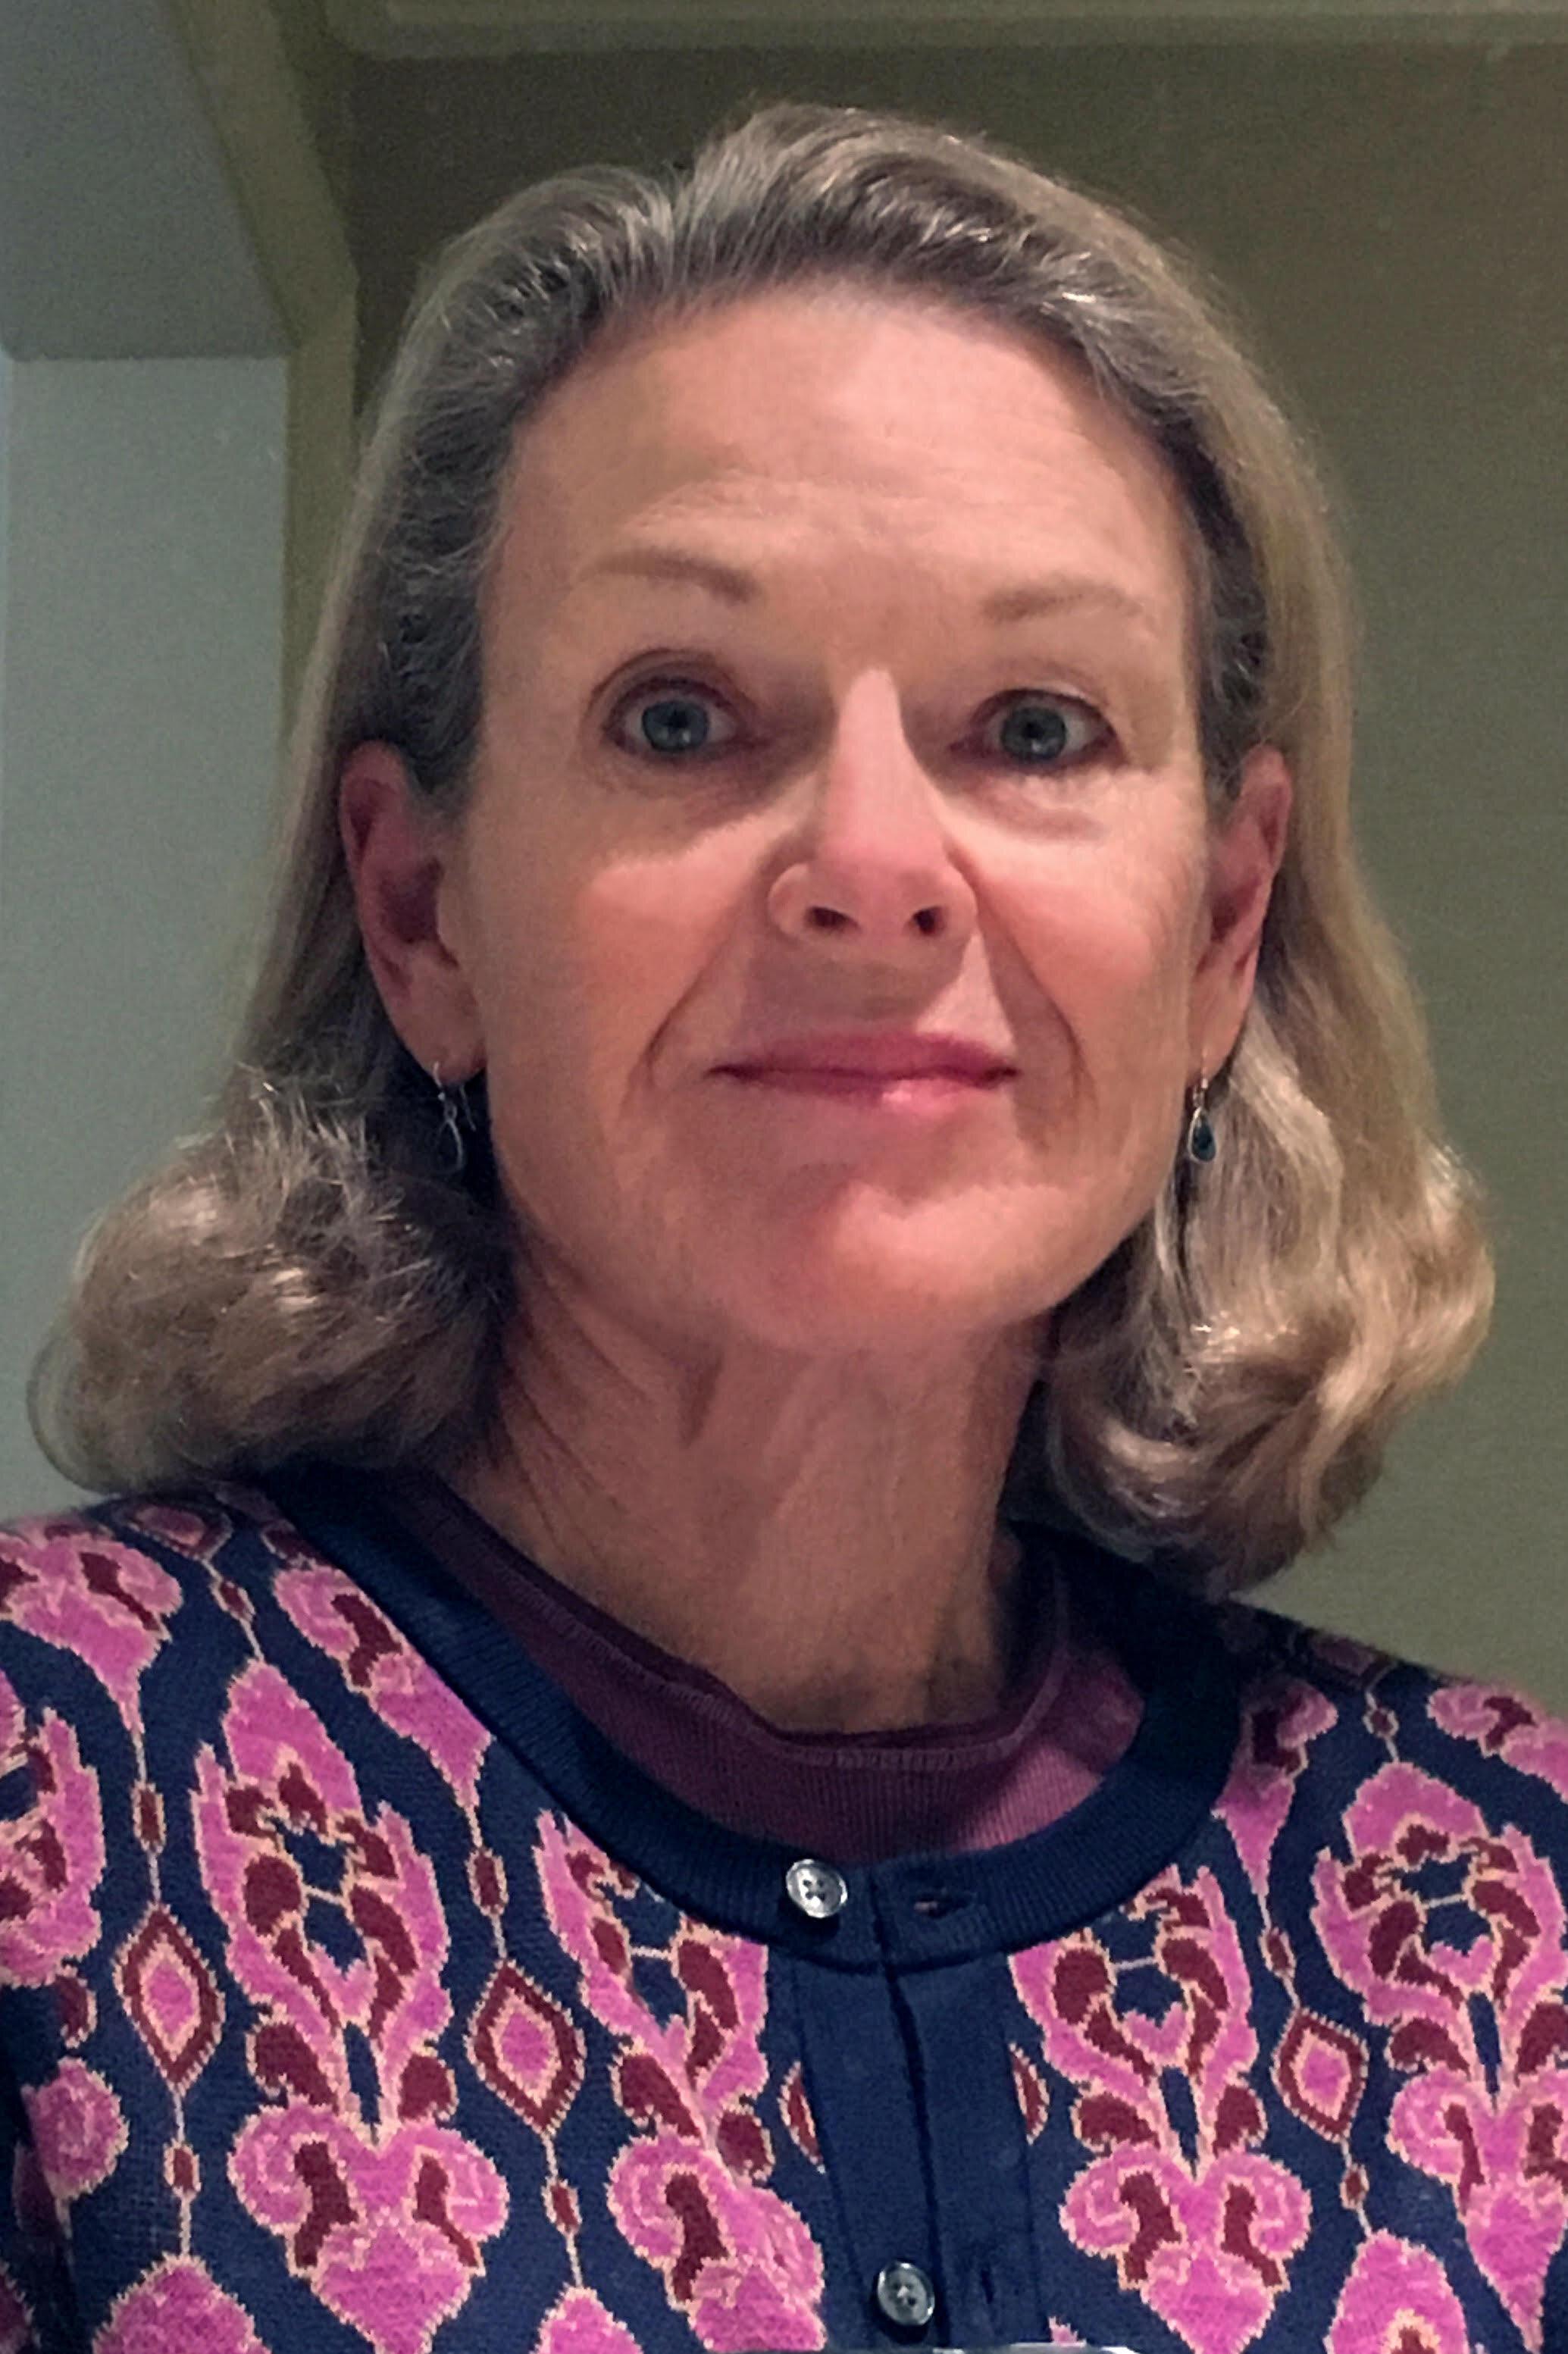 Heidi Munzinger